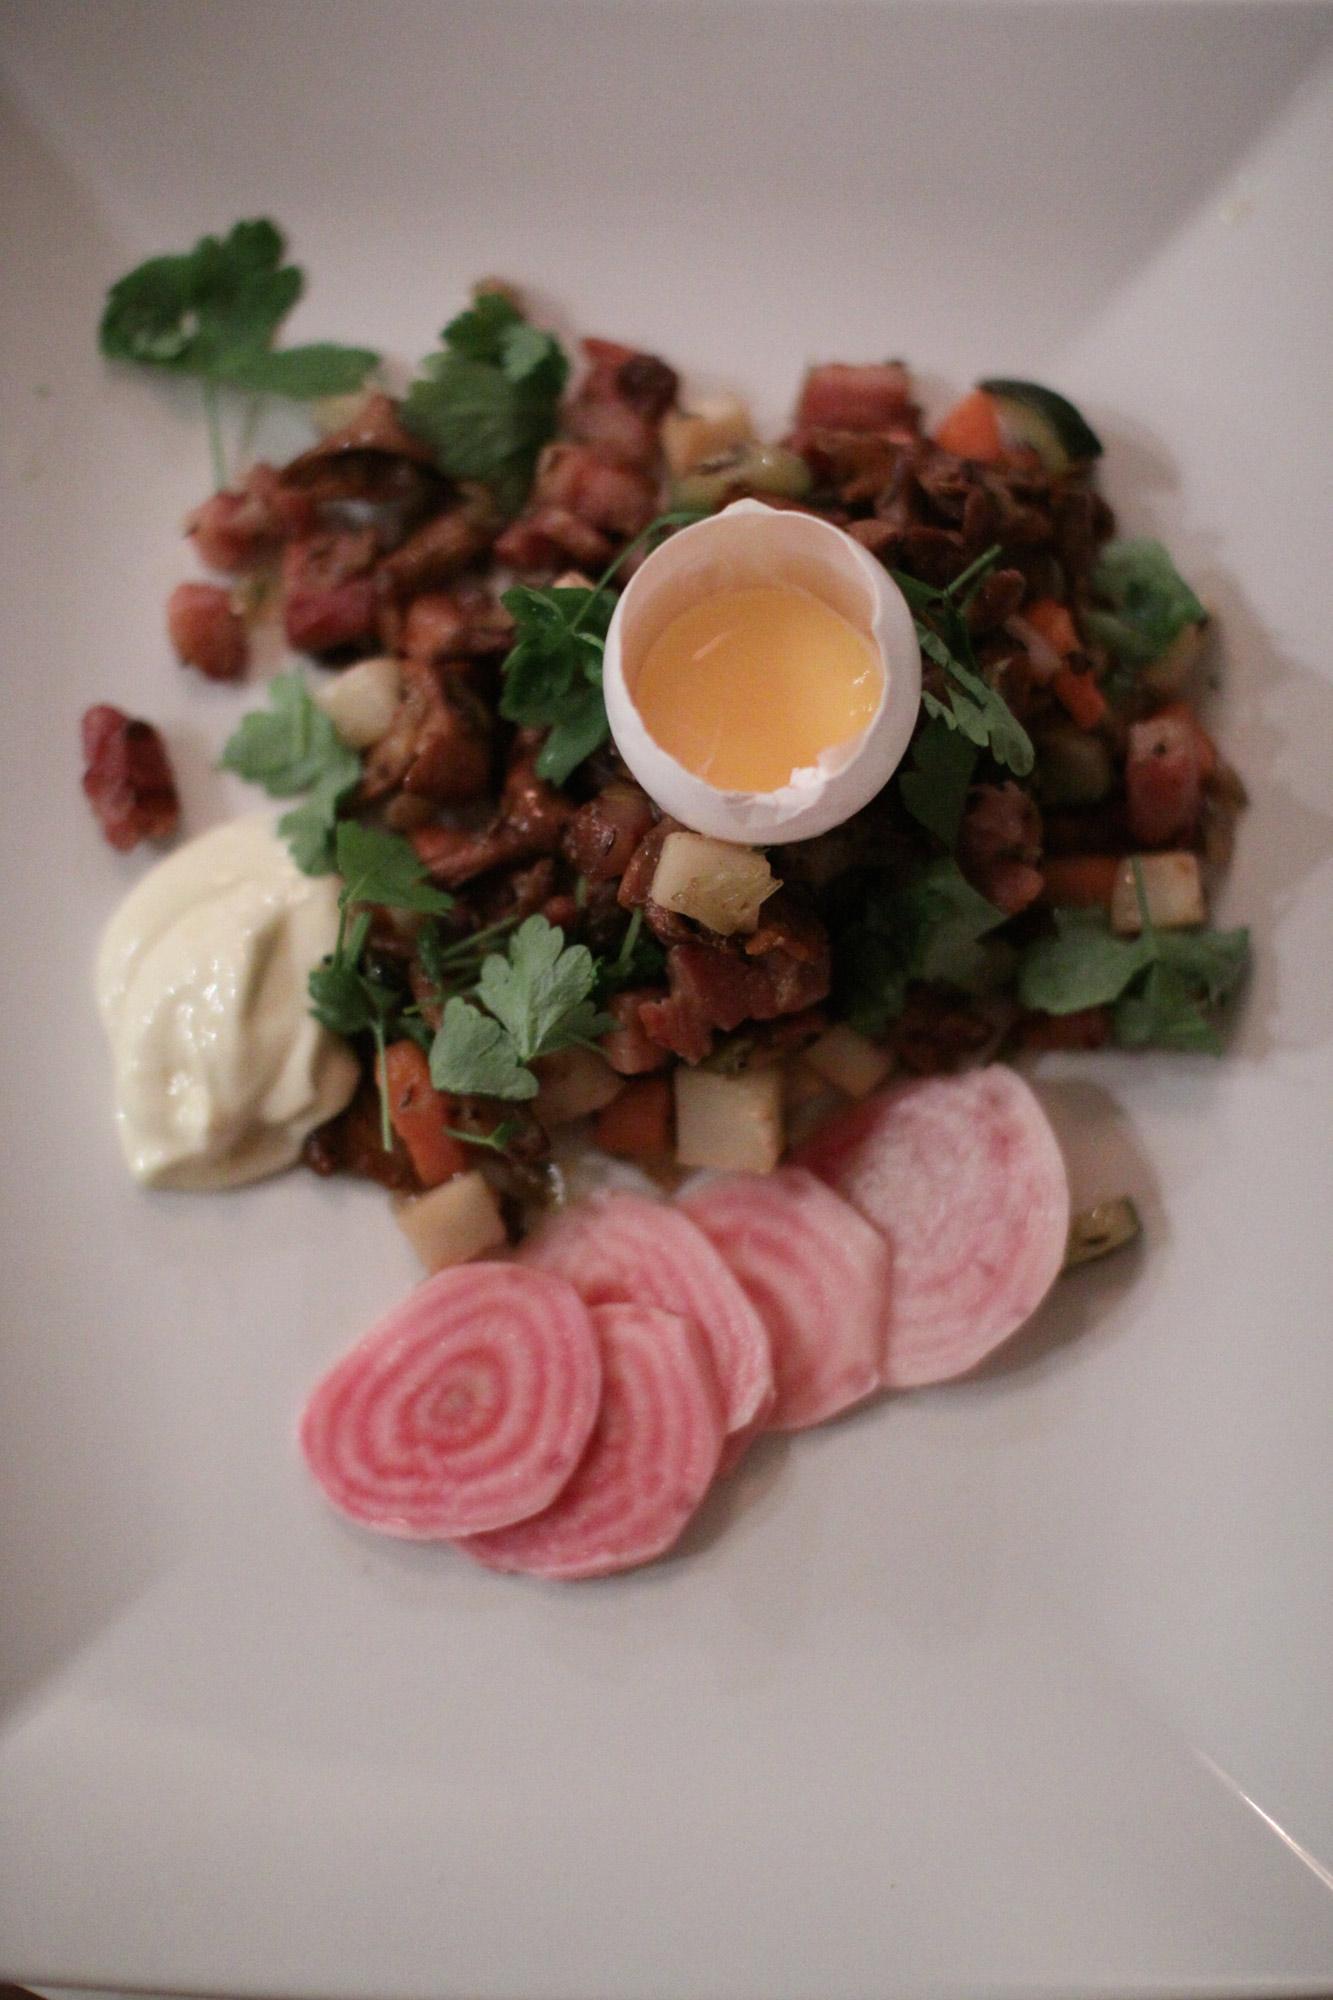 Kantarellpytt med sidfläsk, picklade polkabetor och senapsaioli